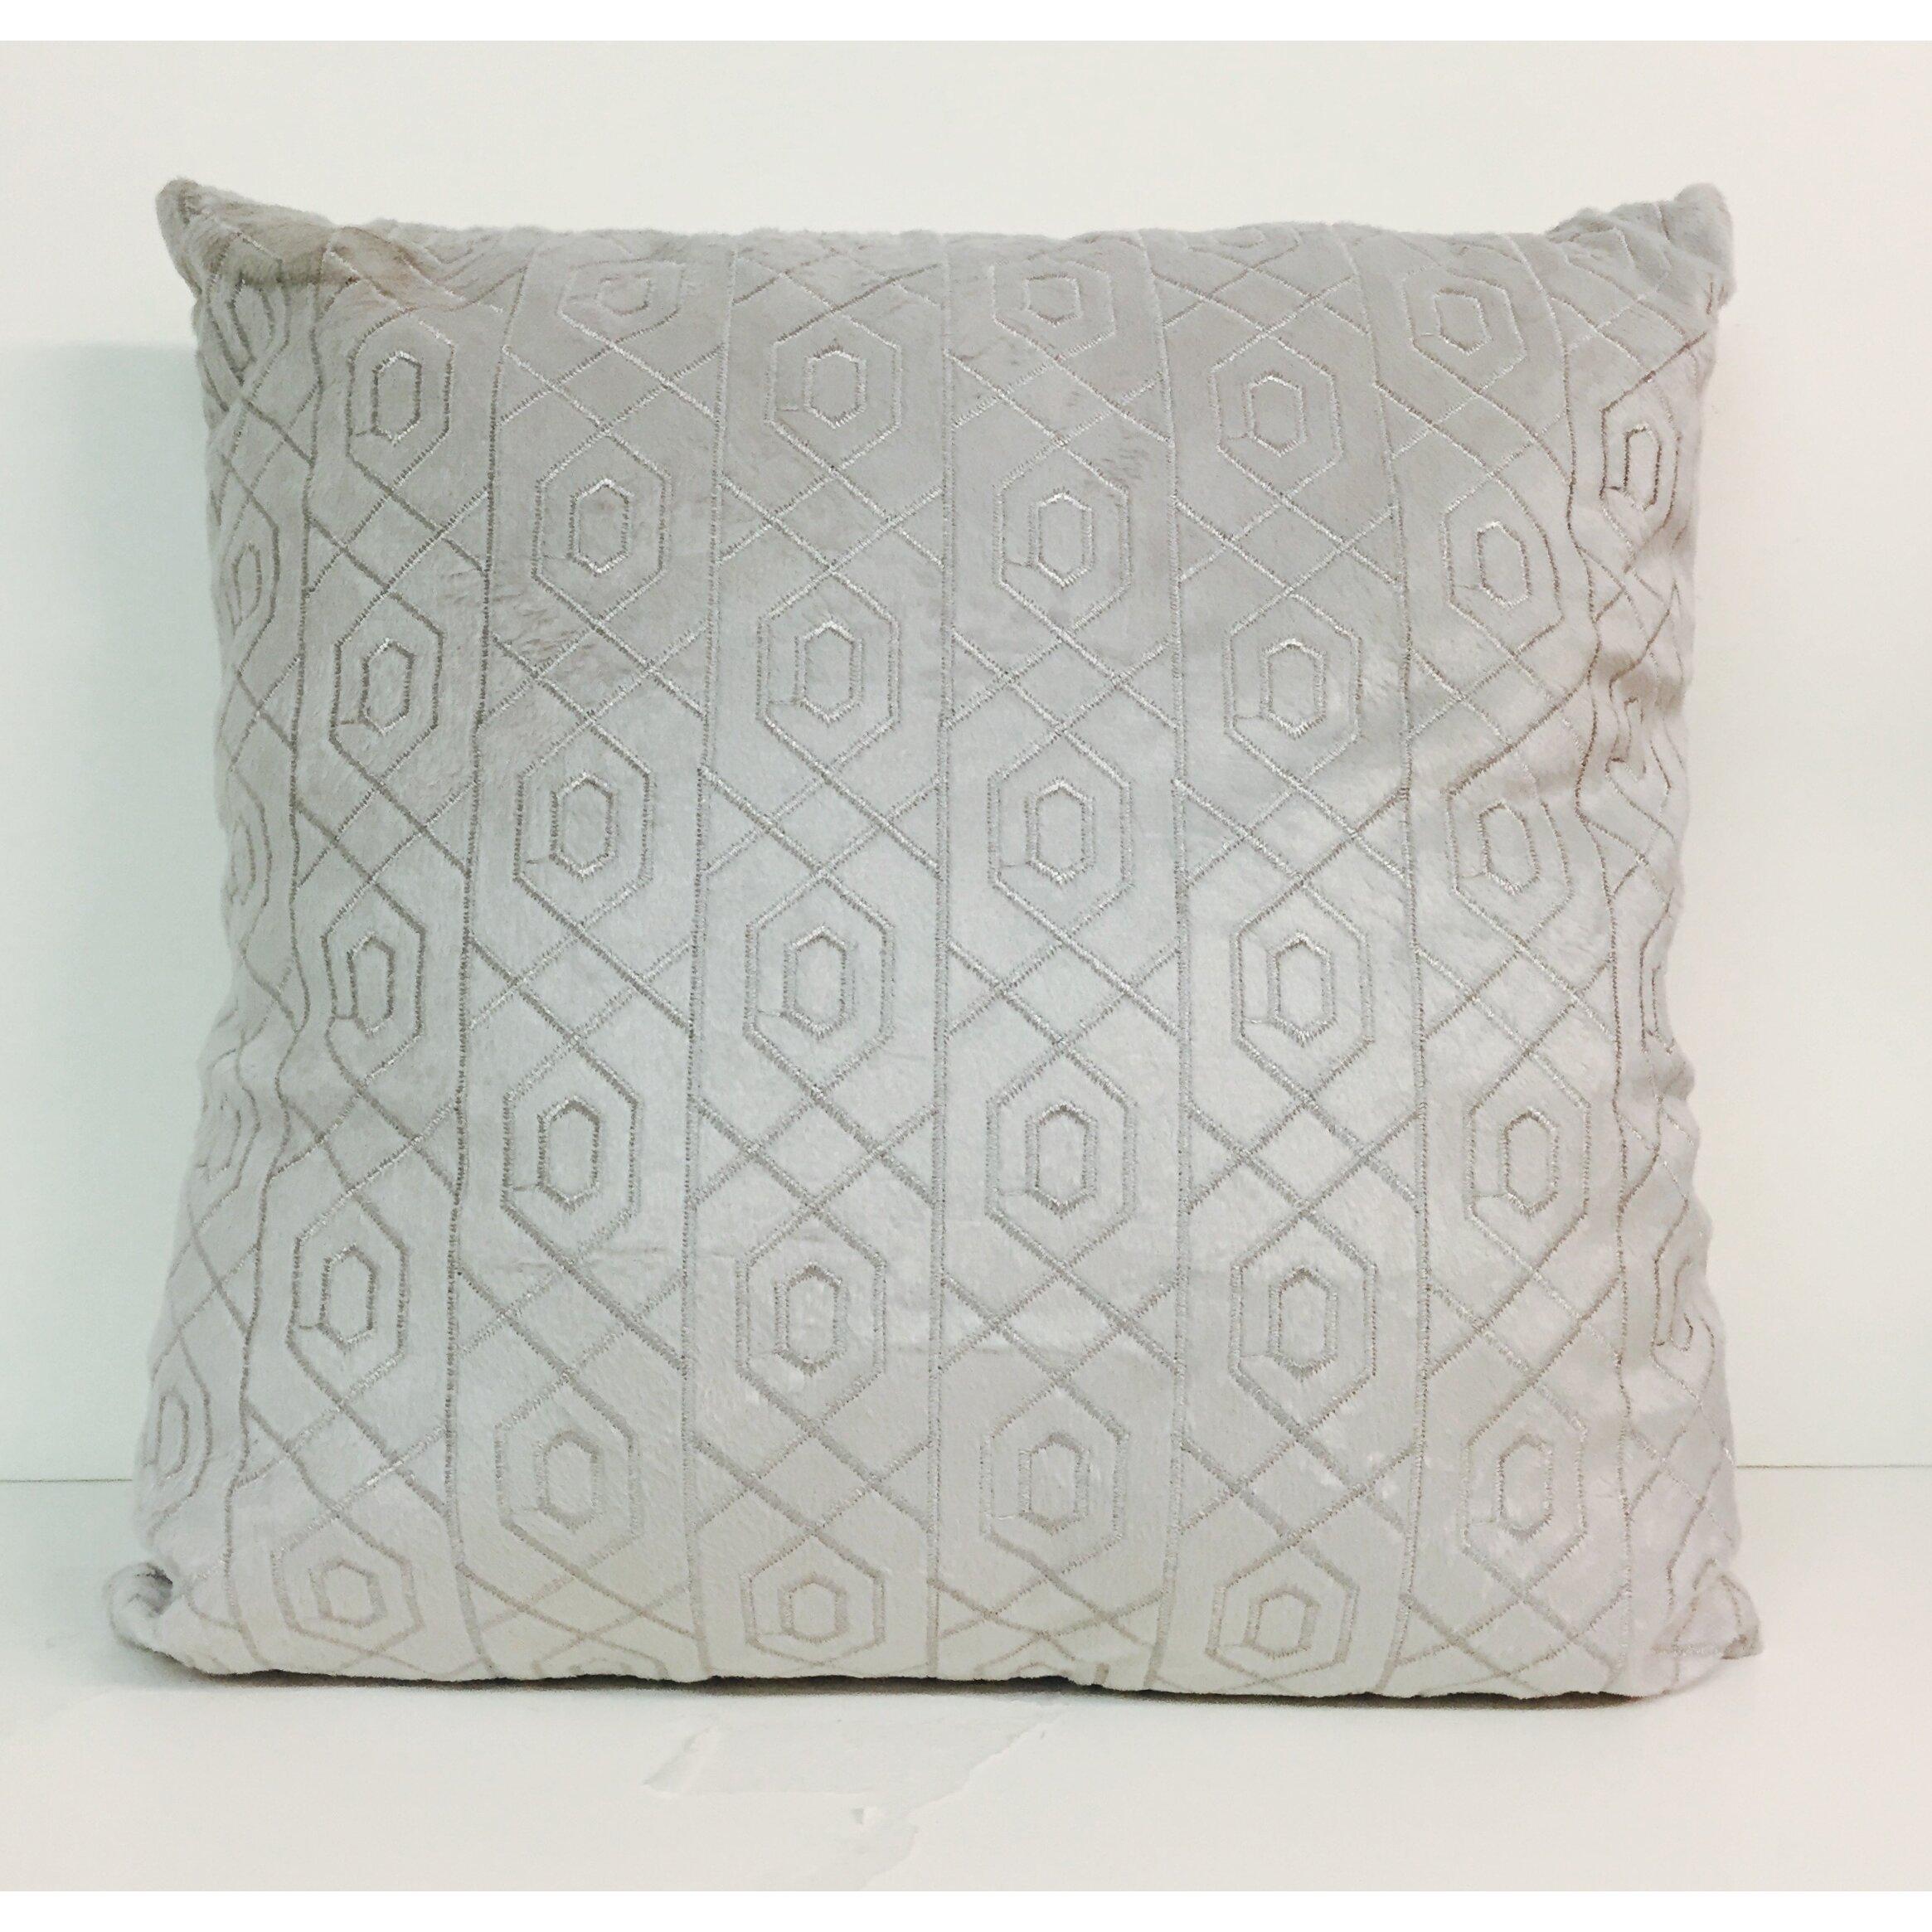 Artistic Linen Soft Velvet Plush Fabric Embroidered Throw Pillow & Reviews Wayfair